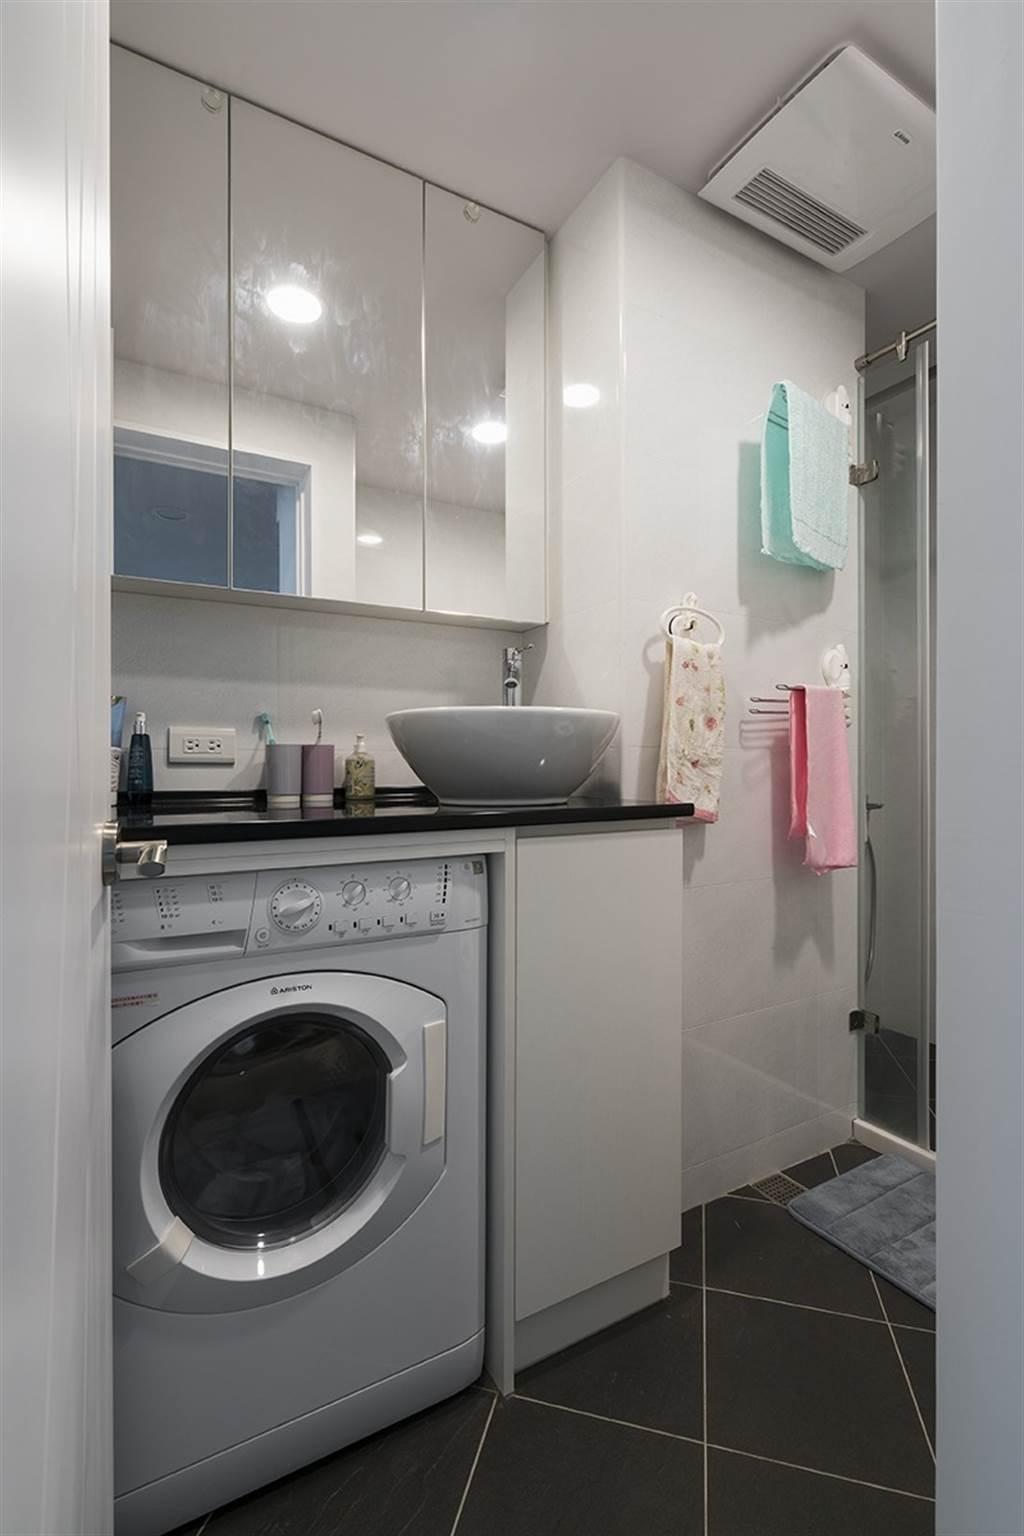 裝設暖風乾燥機,提供浴室通風、乾燥,還能烘衣服喔!(圖片提供/go收納系統櫃)